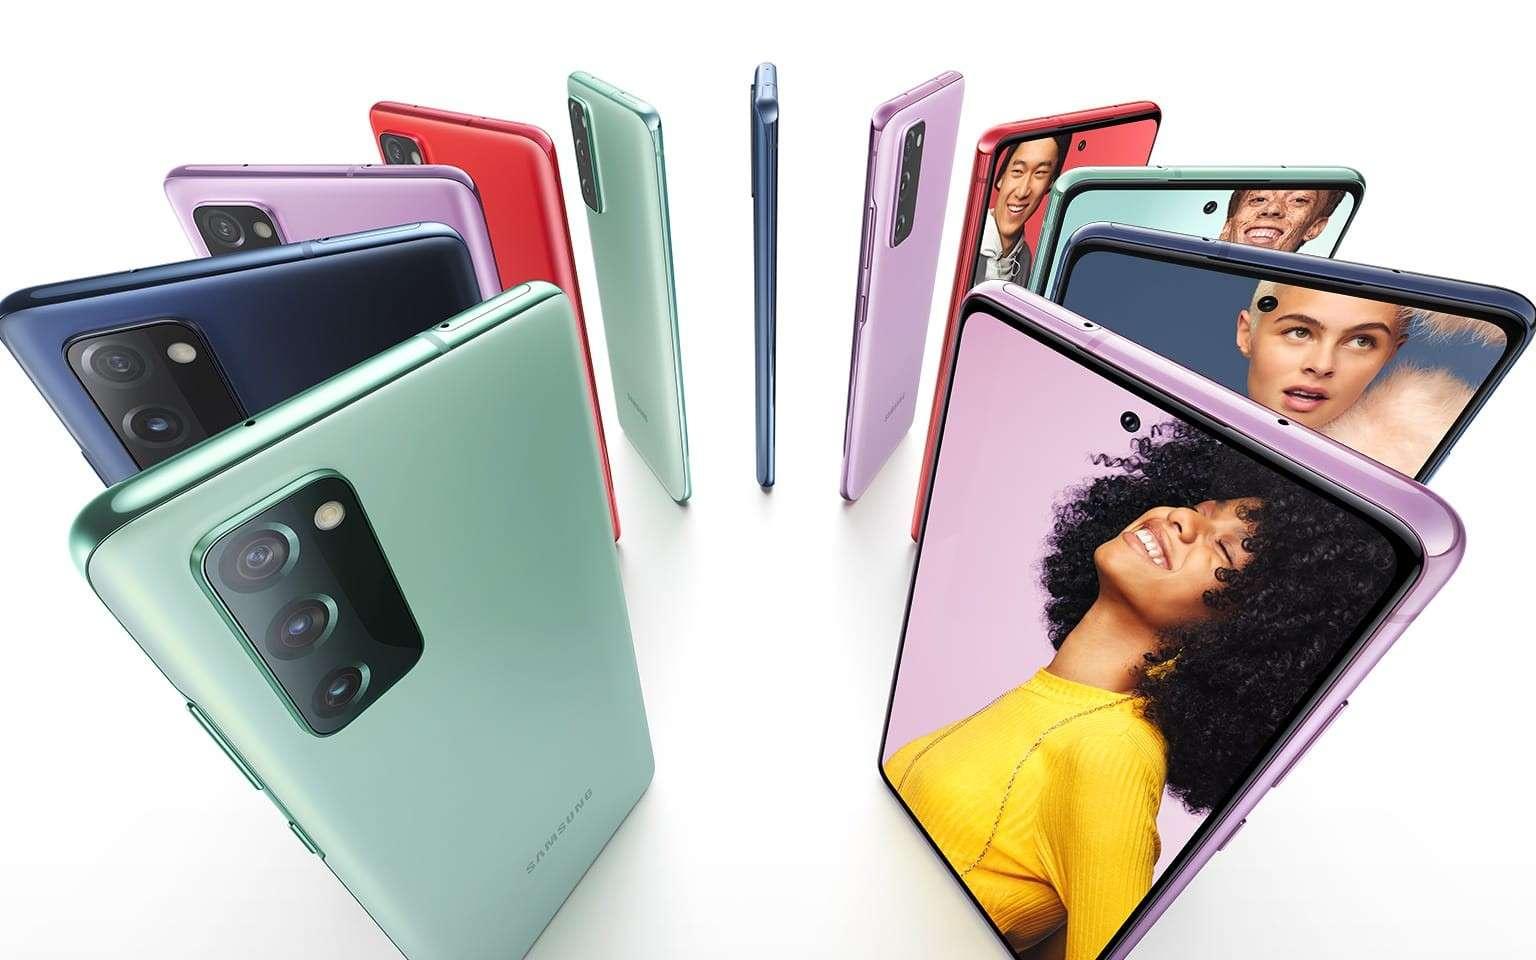 Le Galaxy S20 FE, le dernier-né de la famille S20, se décline en six couleurs. © Samsung